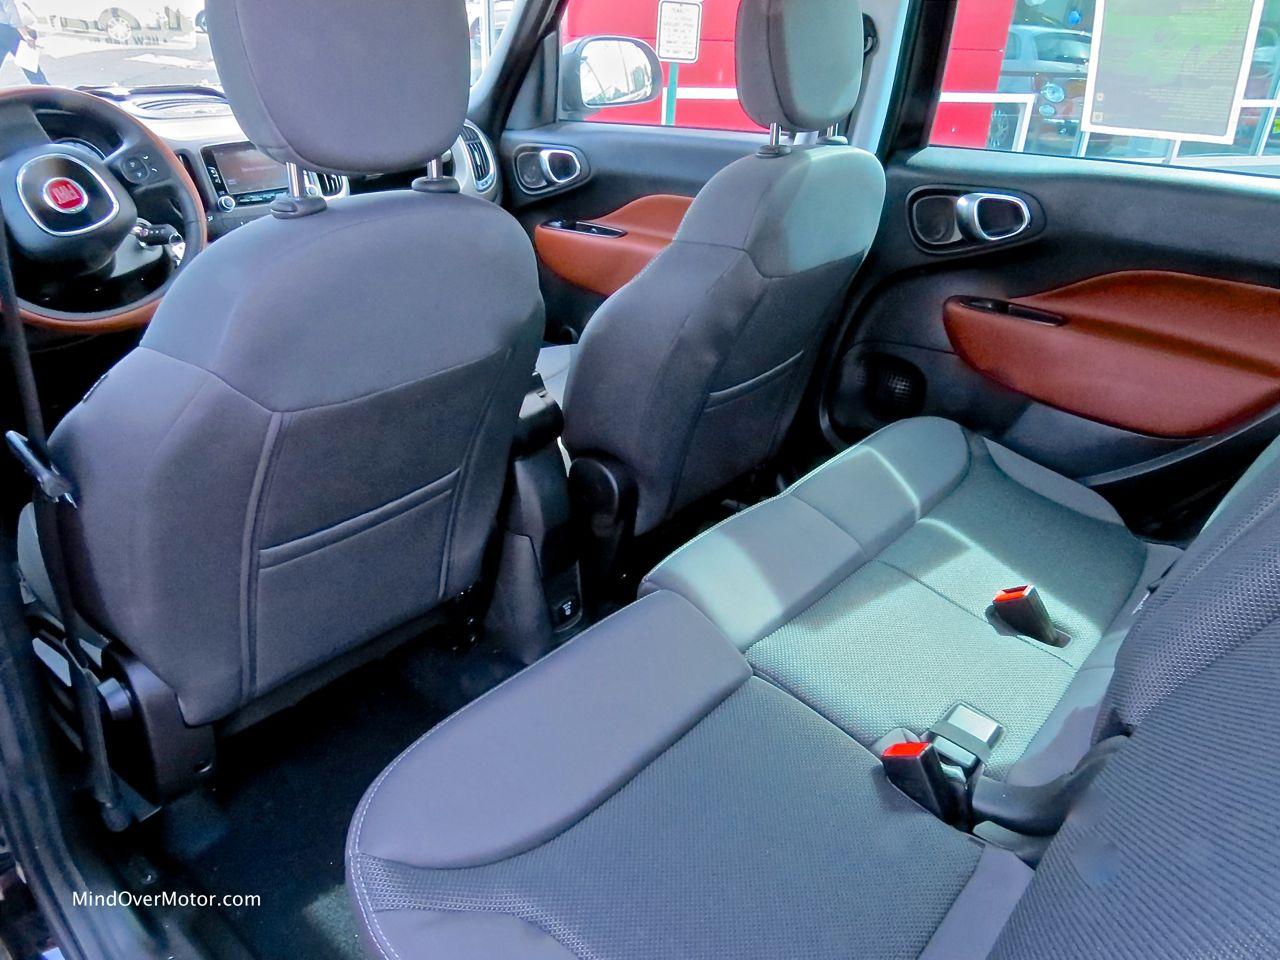 Fiat 500L Rear Seat